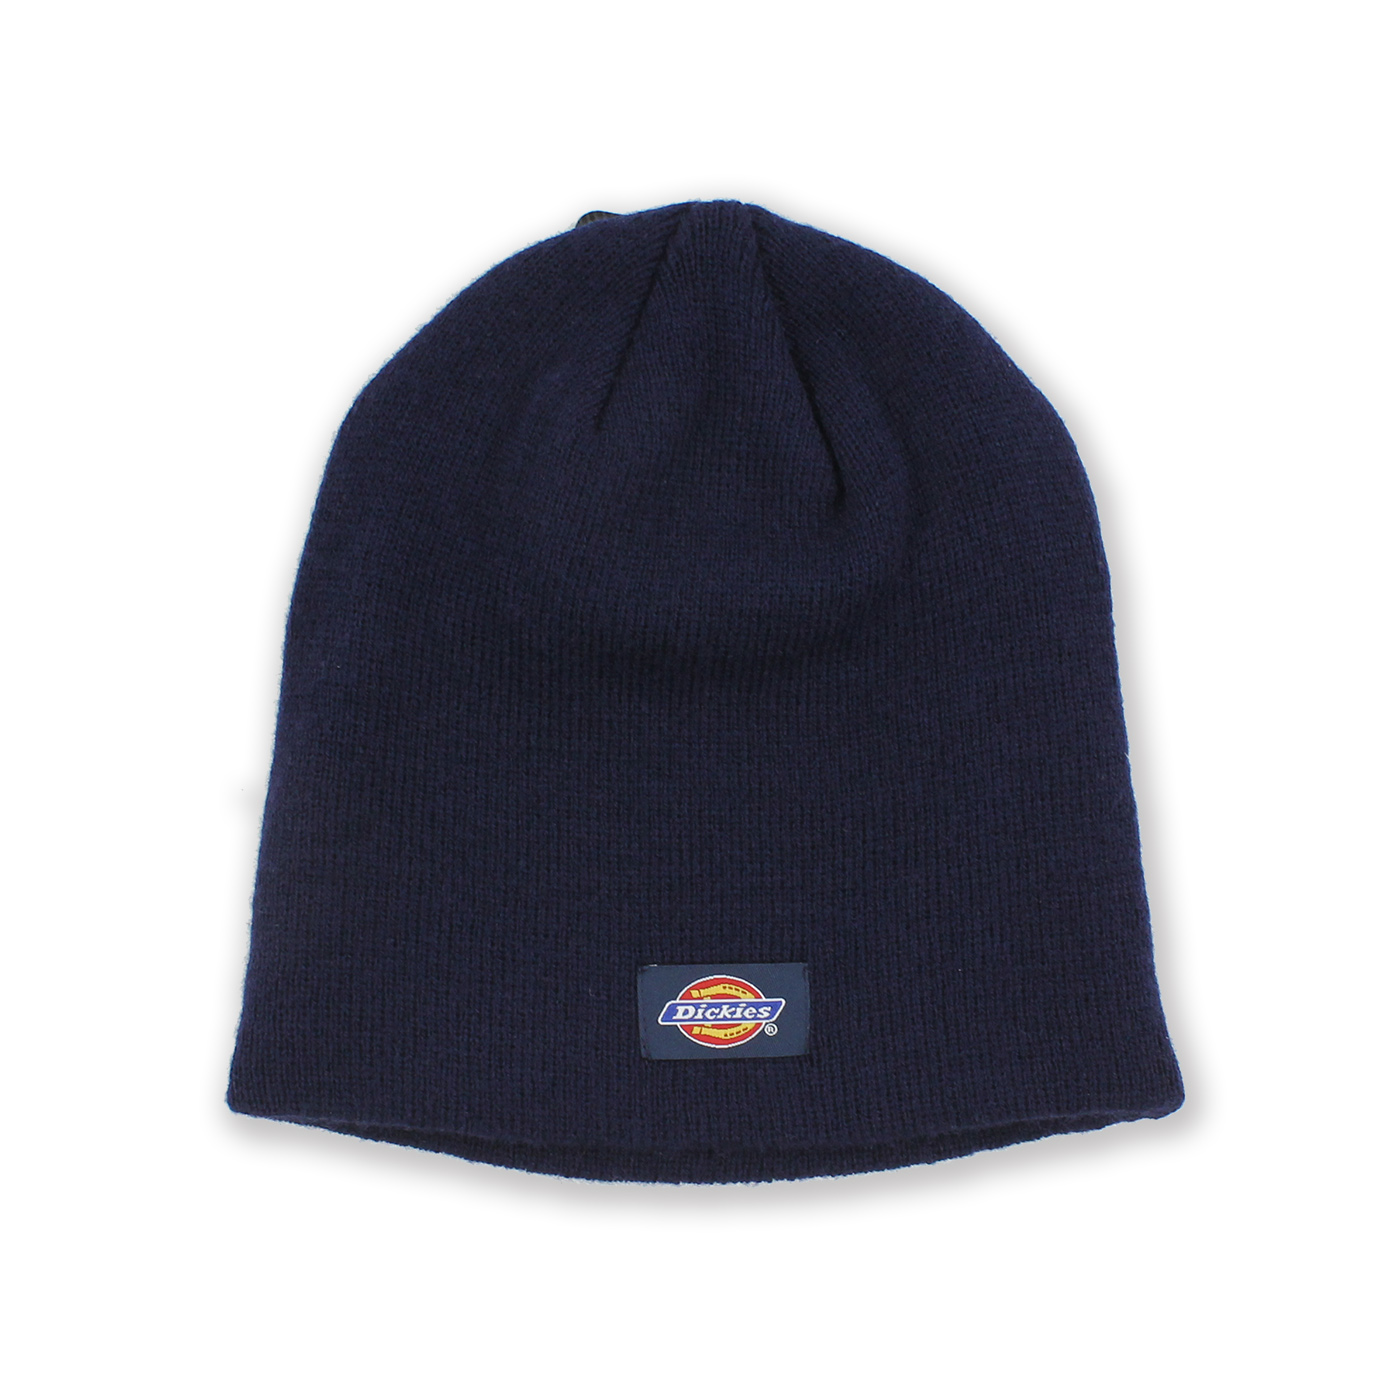 美國百分百【全新真品】Dickies 帽子 配件 針織帽 毛帽 素面 漁夫帽 街頭 滑板 潮牌 男 女 深藍 F993